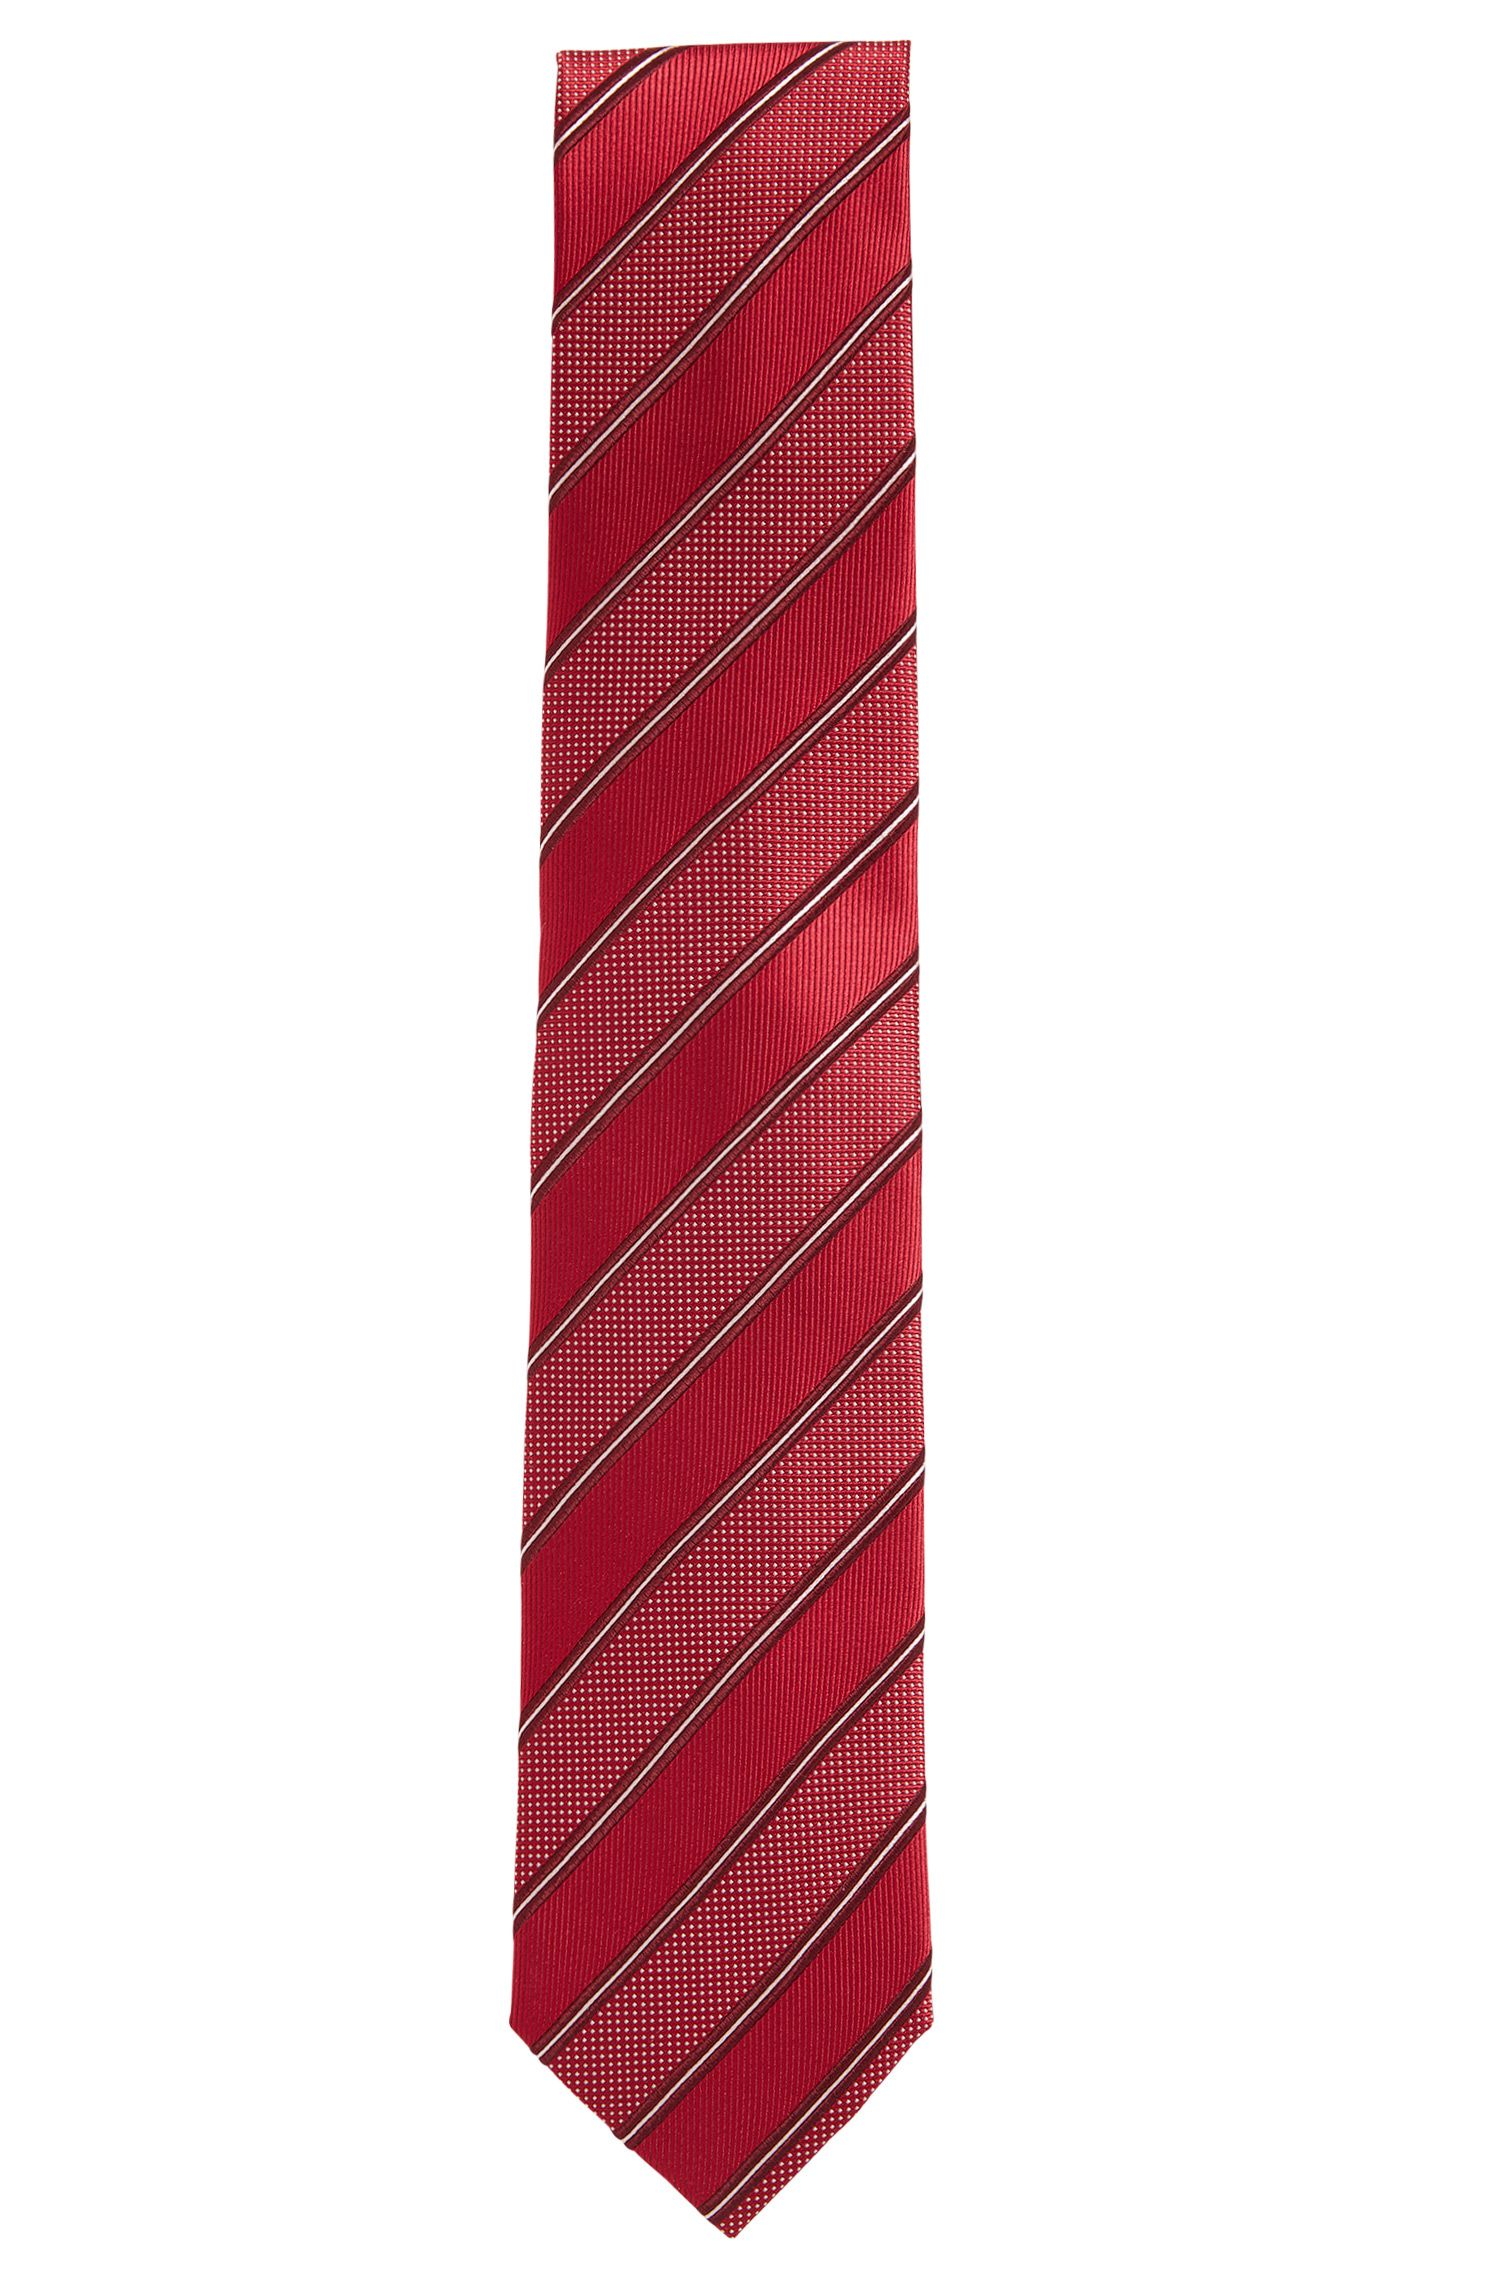 Gestreifte Krawatte aus edlem Seiden-Jacquard